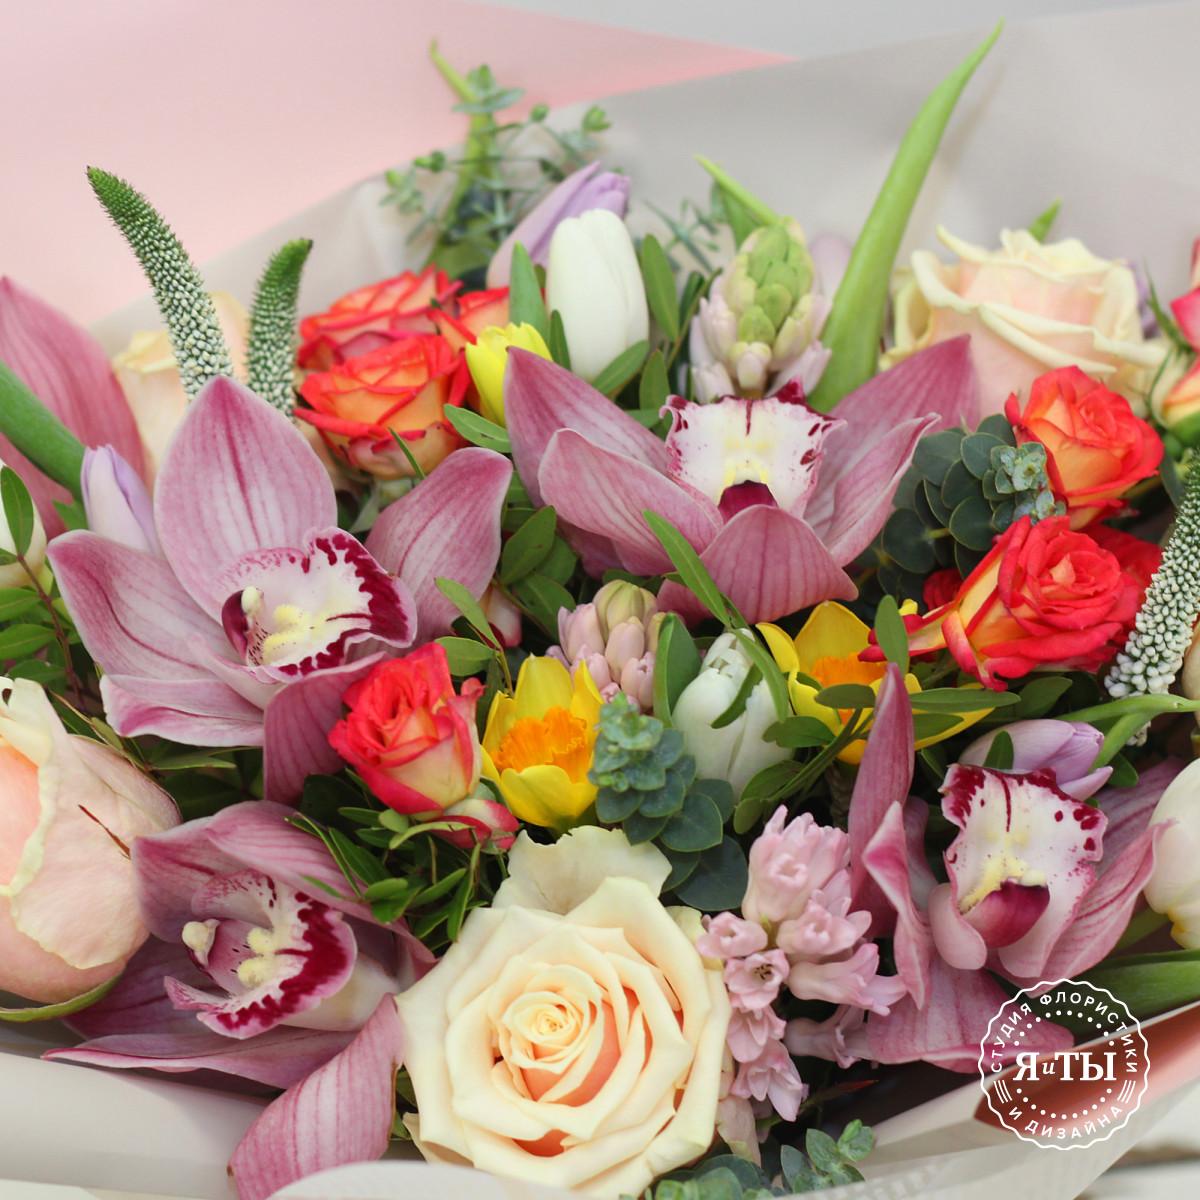 Весенний букет с гиацинтами, нарциссами и тюльпанами